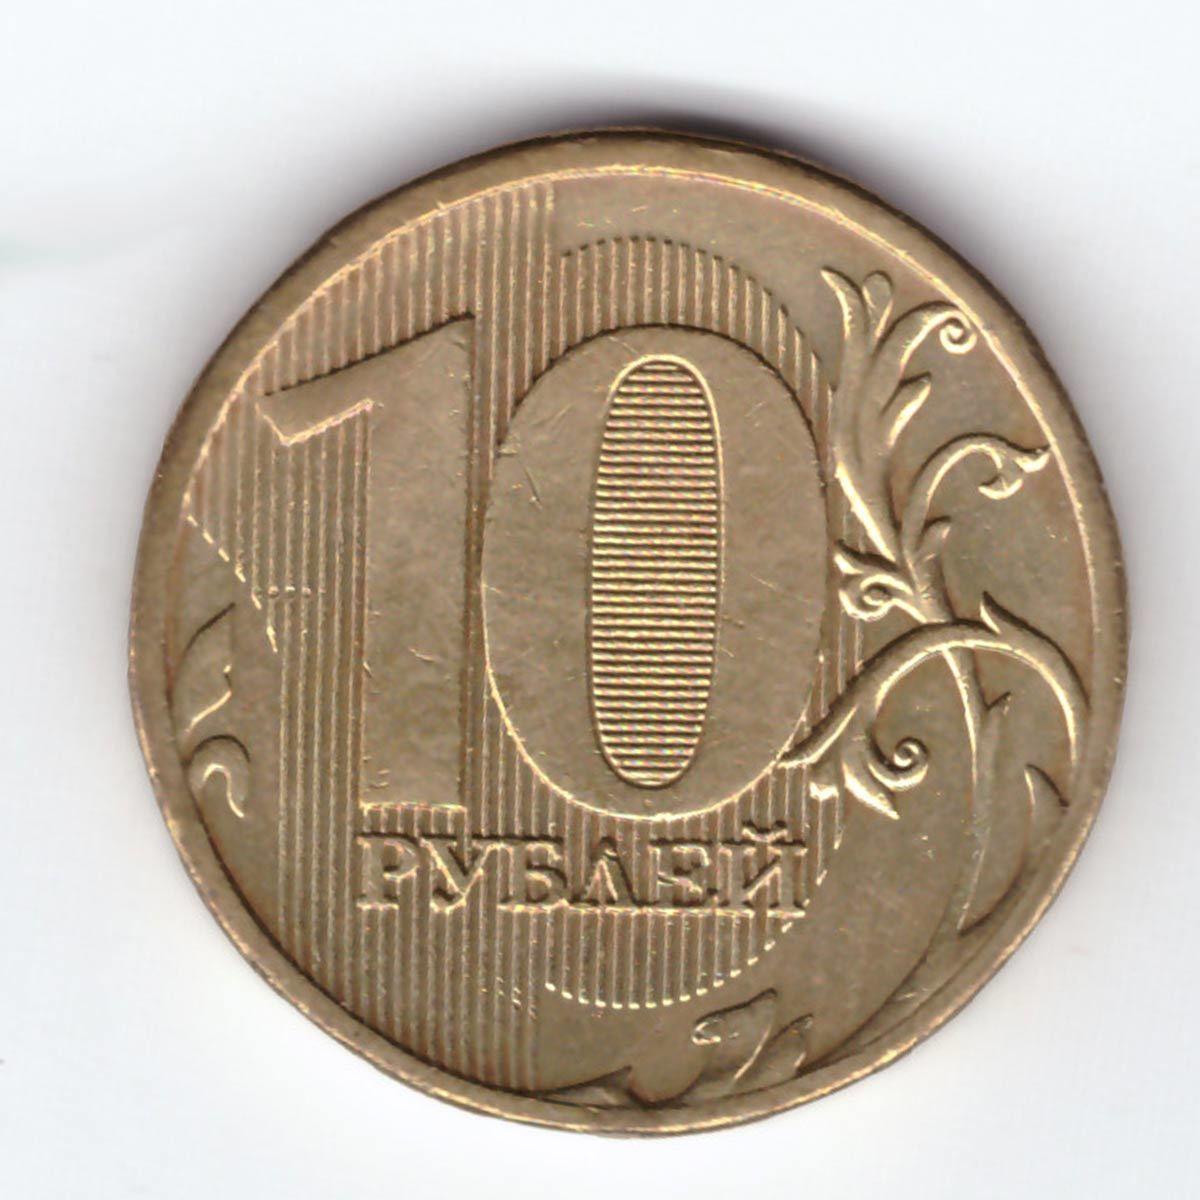 10 рублей 2011 ММД раскол штемпеля